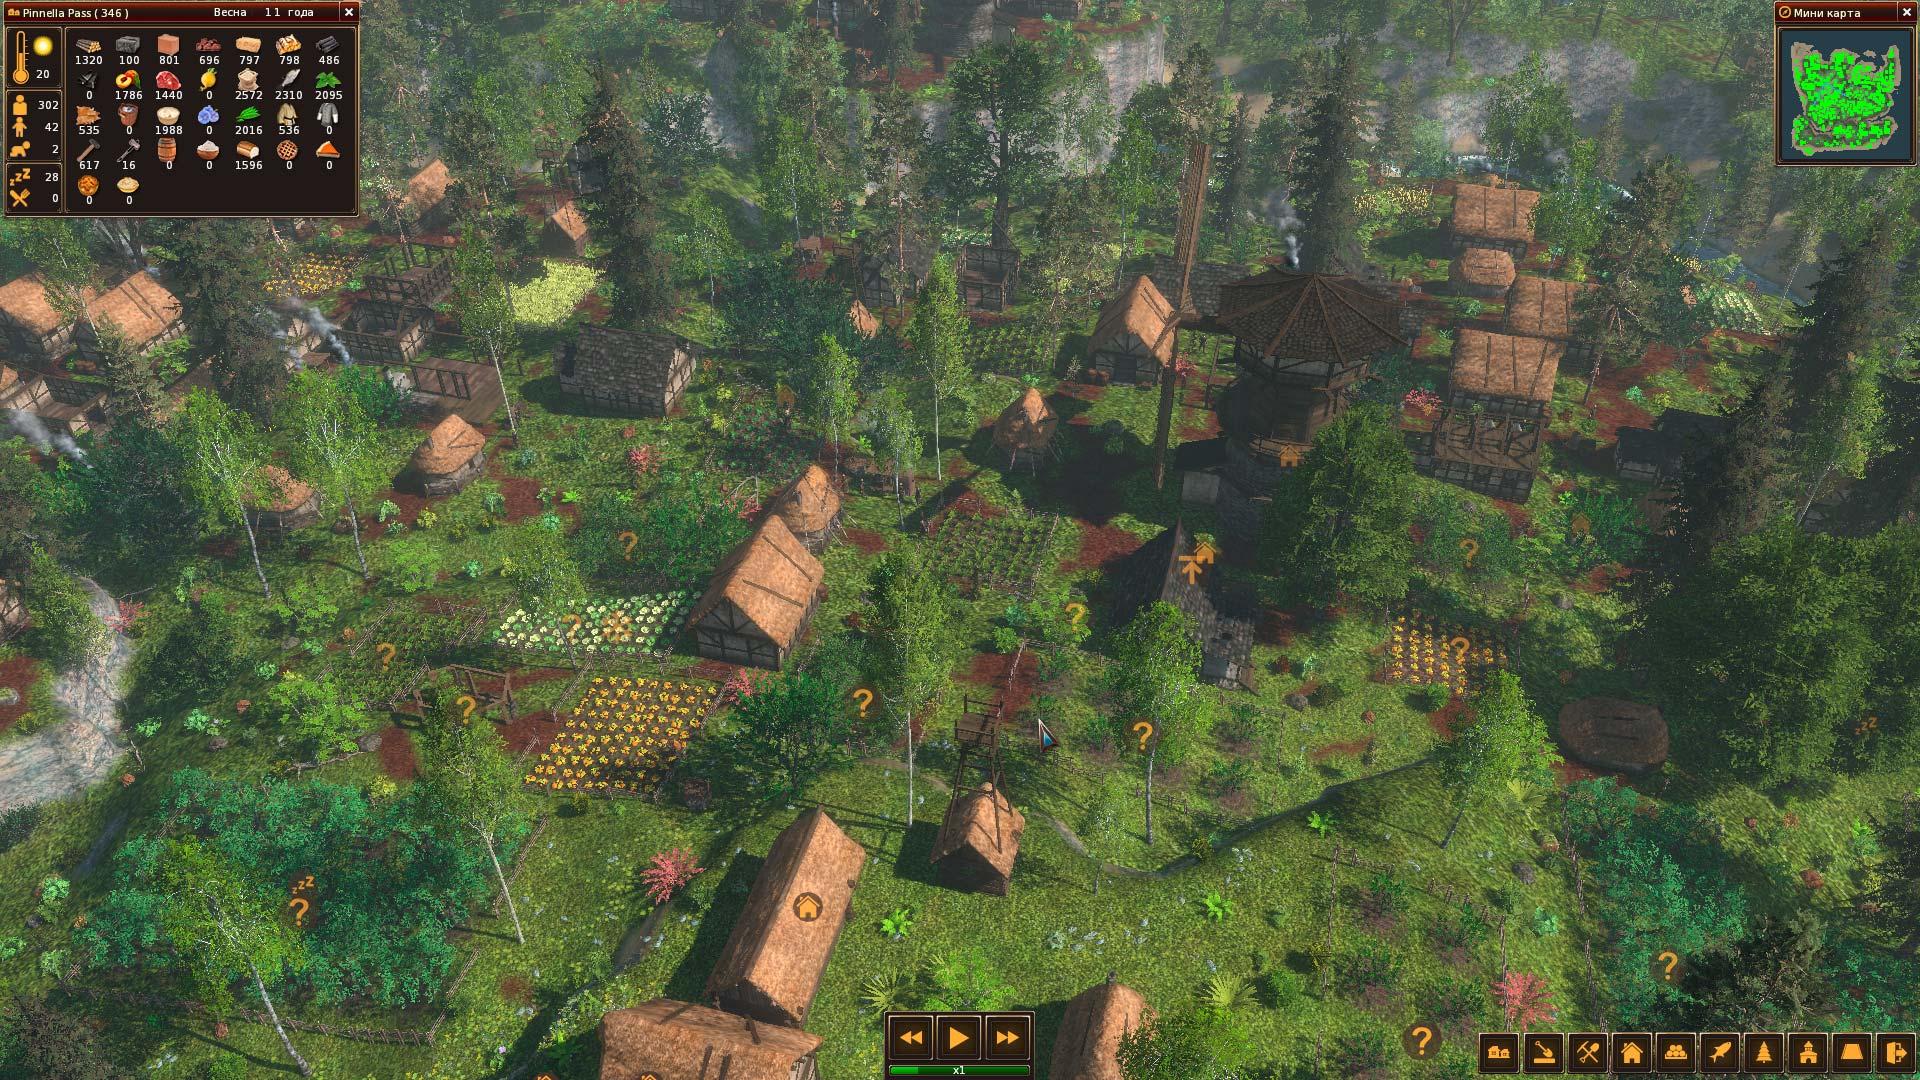 Life is feudal forest village код ровного ландшафта сюжетно-ролевая игра космос, космонавты конспект